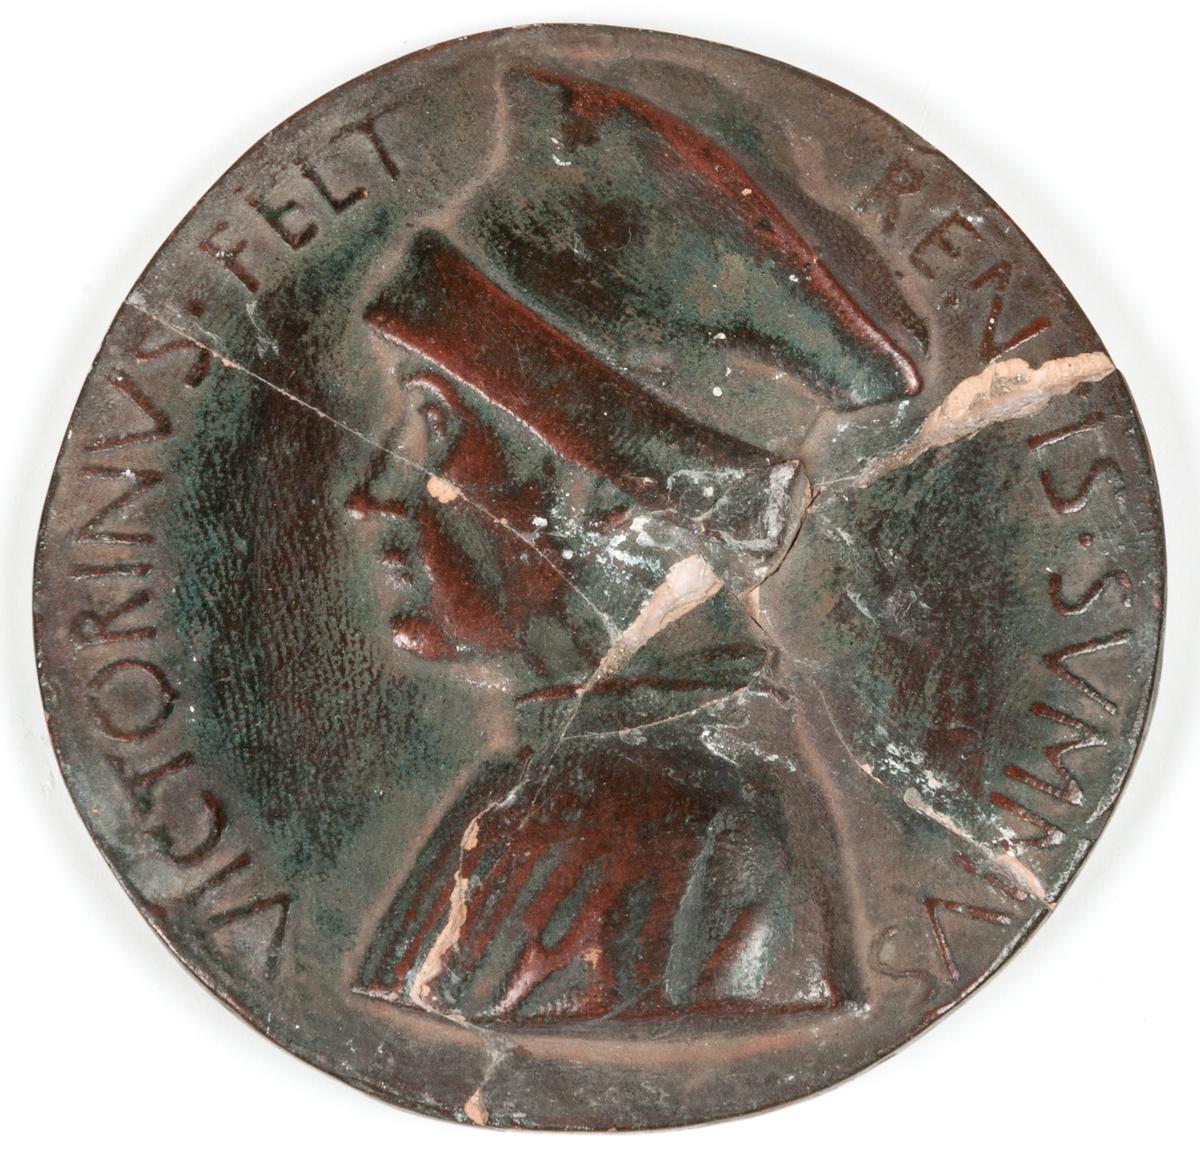 Glaserad terracotta. Victorinus Felt. Rentis sumnius. Plakett.